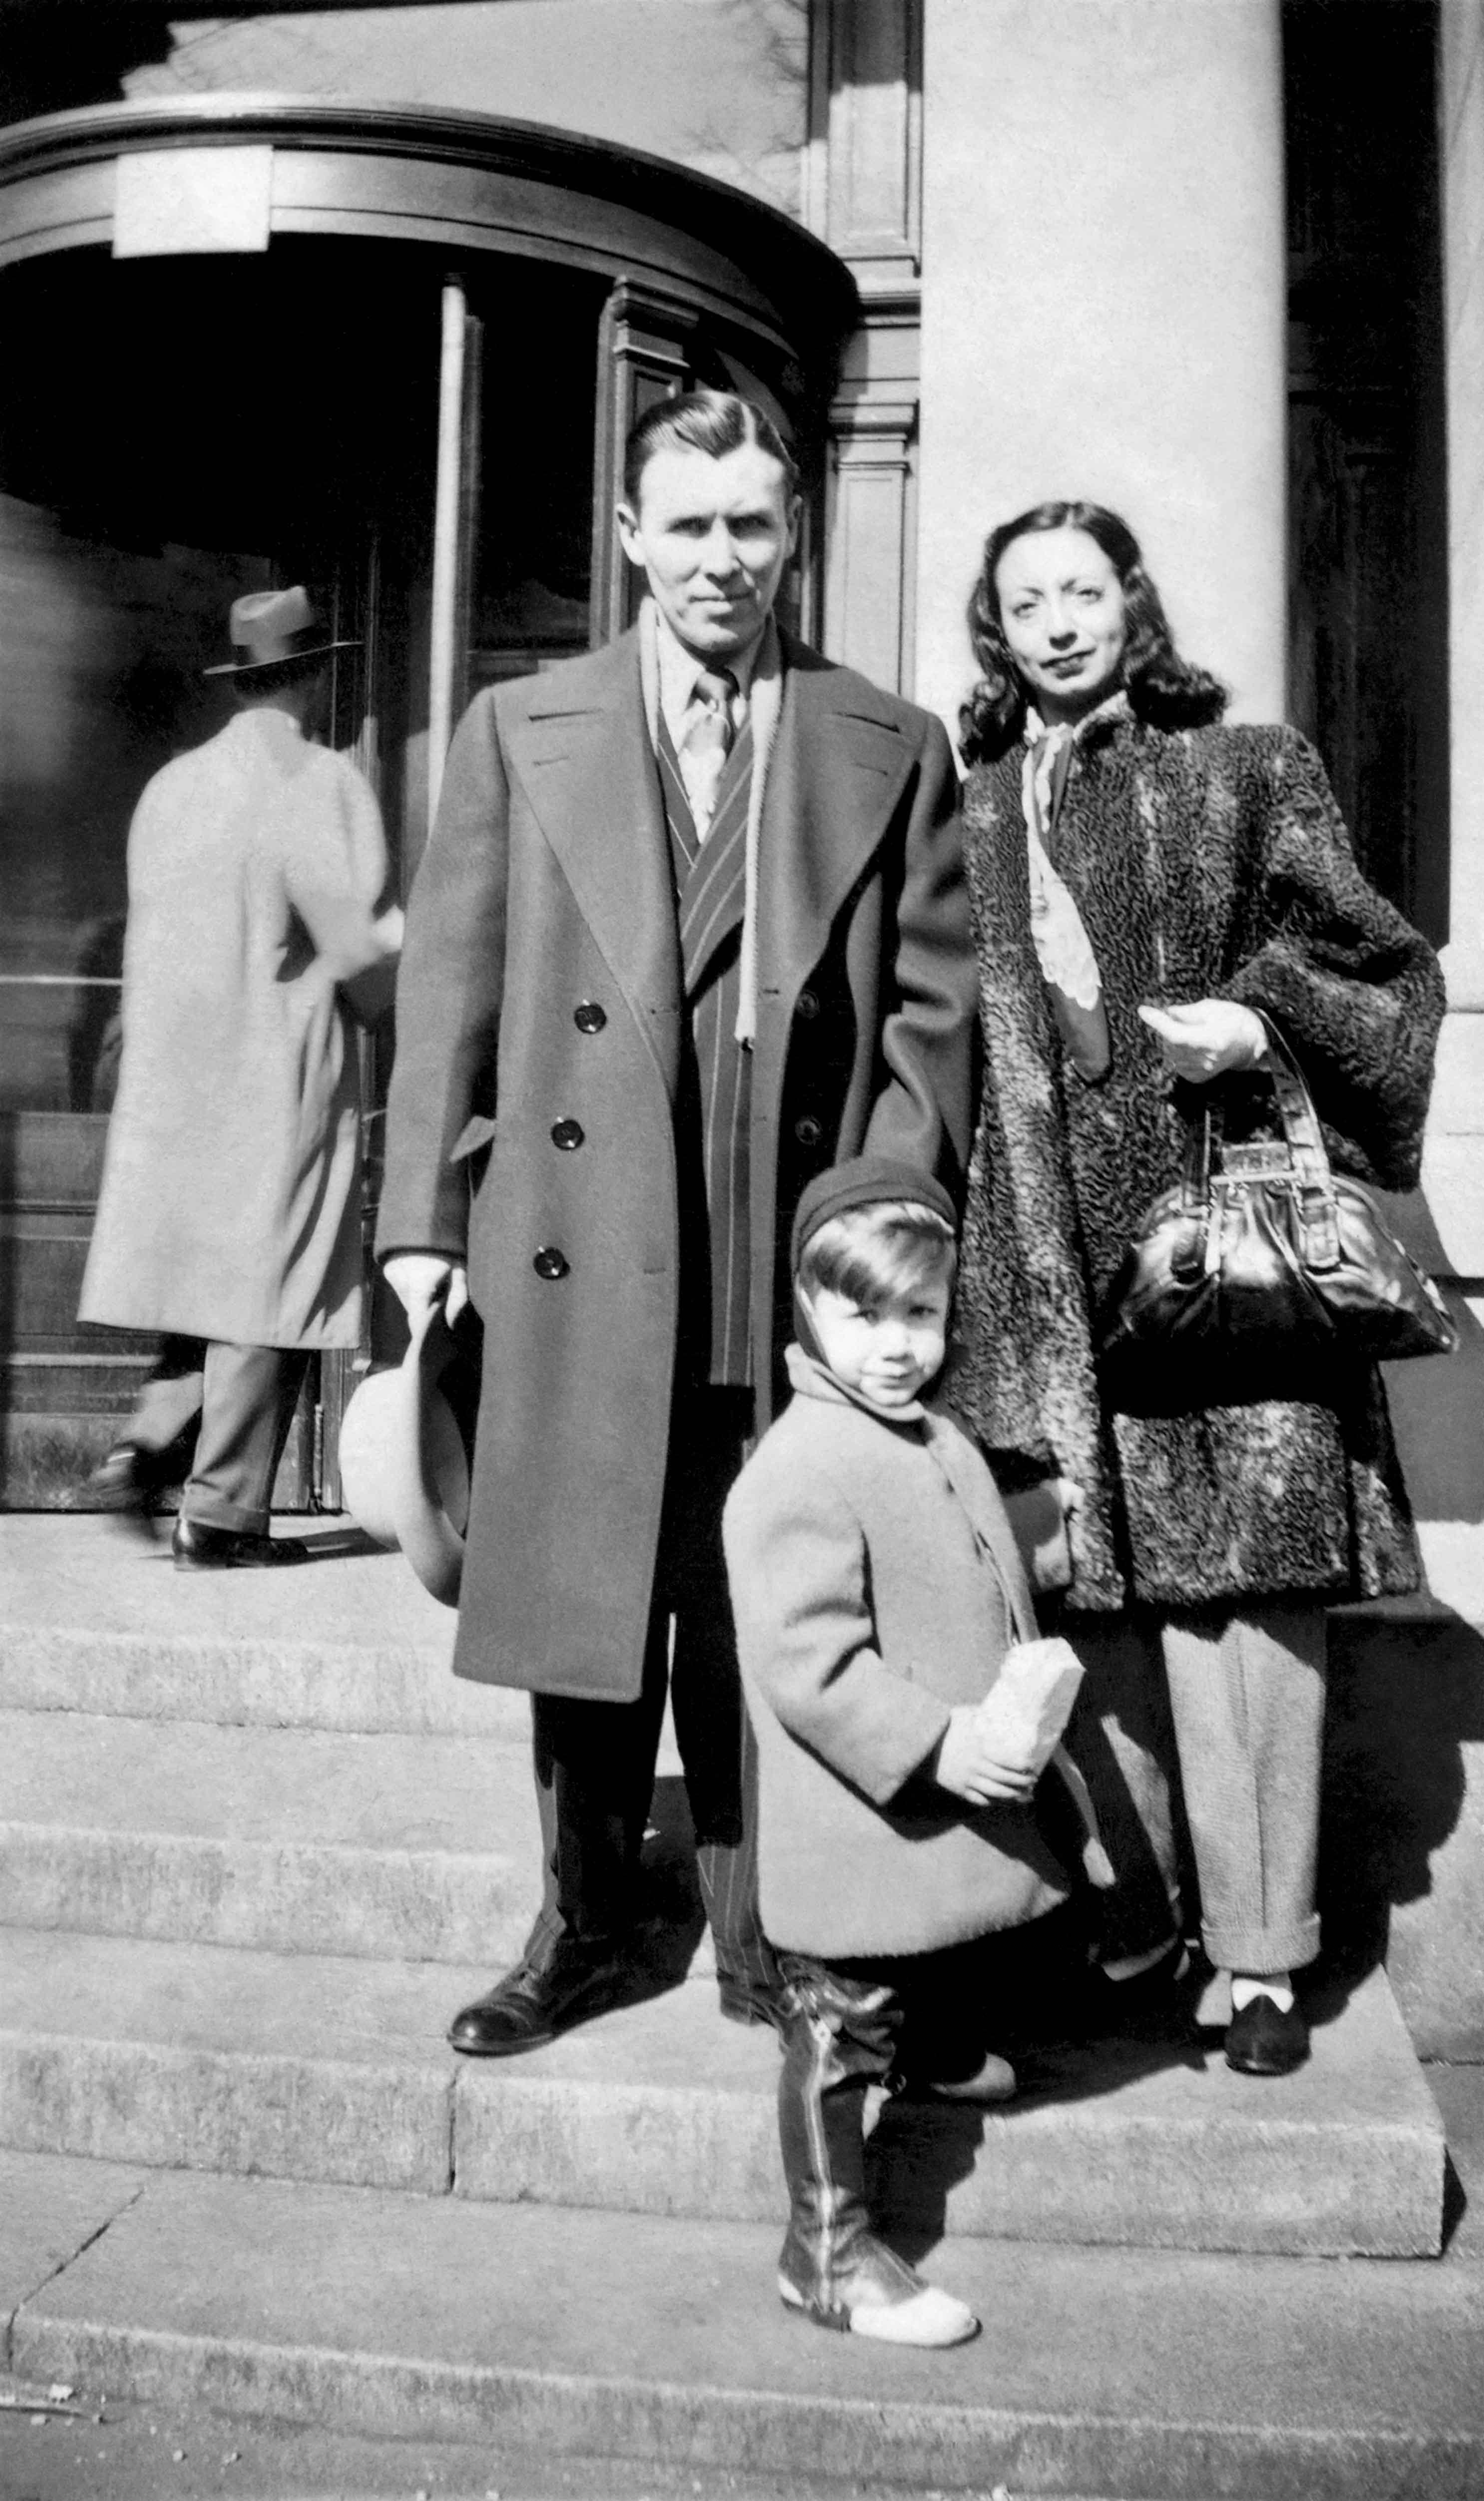 Le style, une histoire de famille chez les Klein. Calvin enfant en legging de cuir, entouré par ses deux parents.